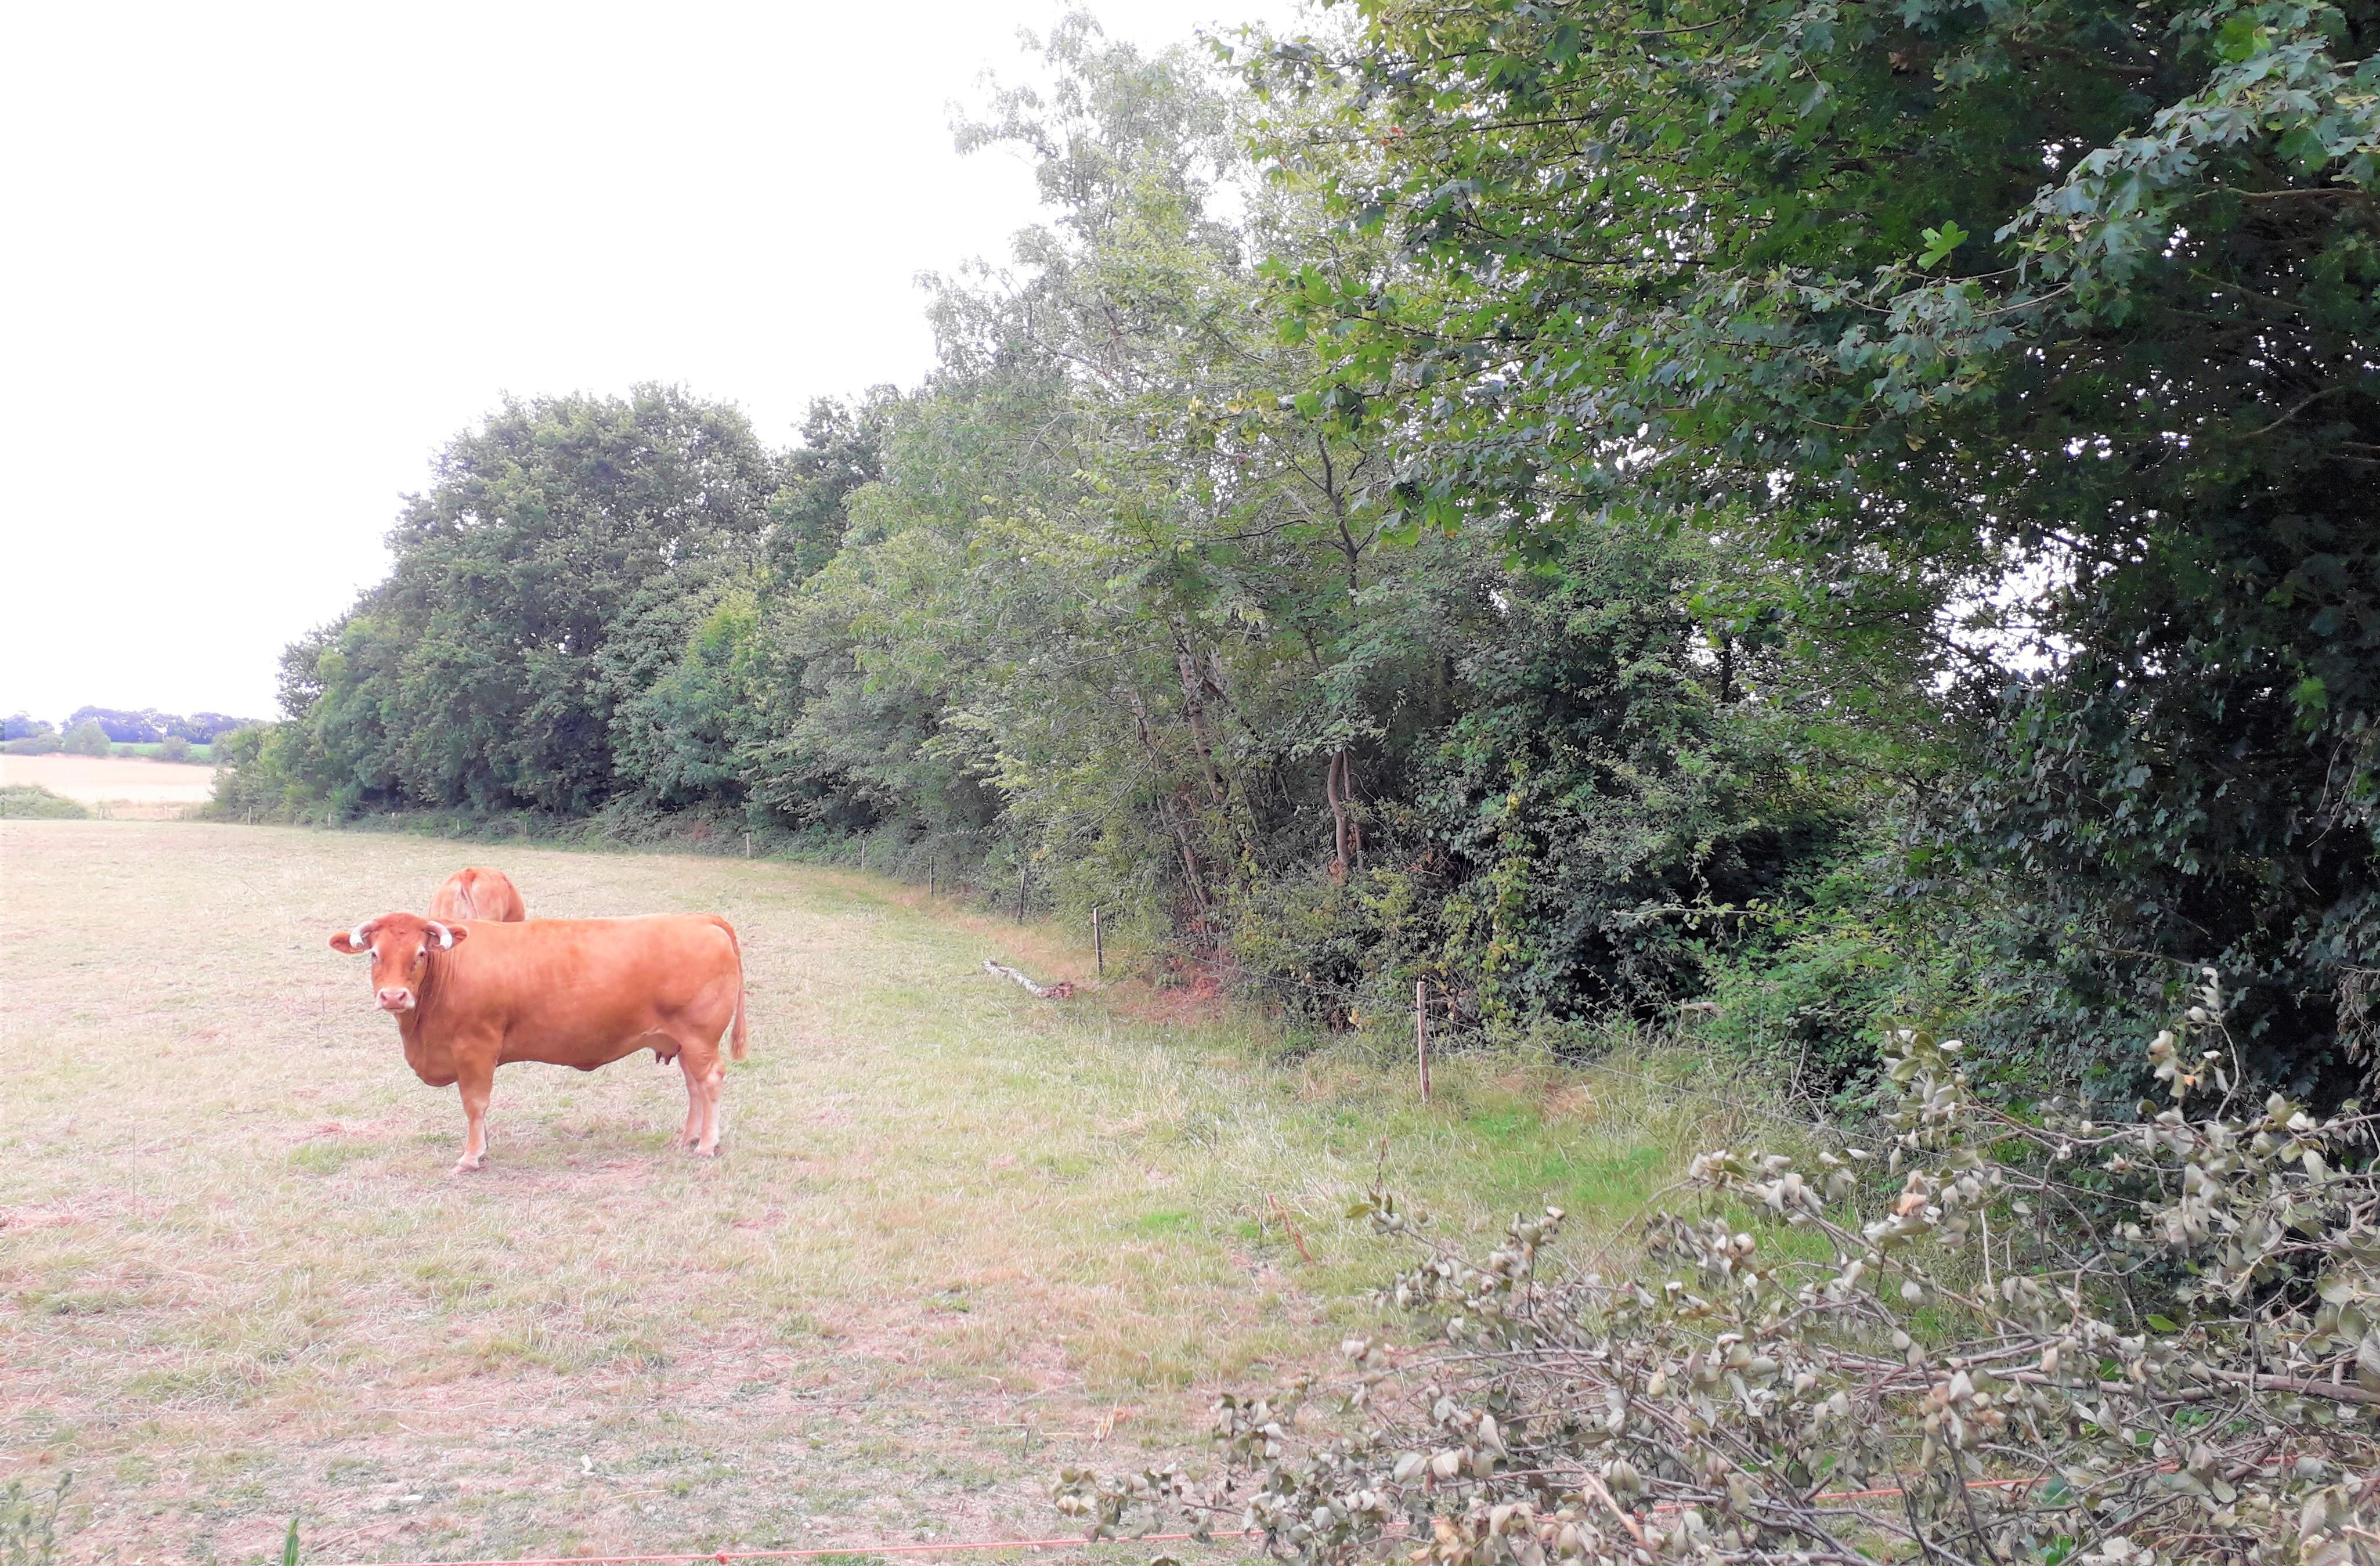 http://www.bassindulay.fr/uploads/images/slider/AM.Bocage_et_bovinv3.jpg